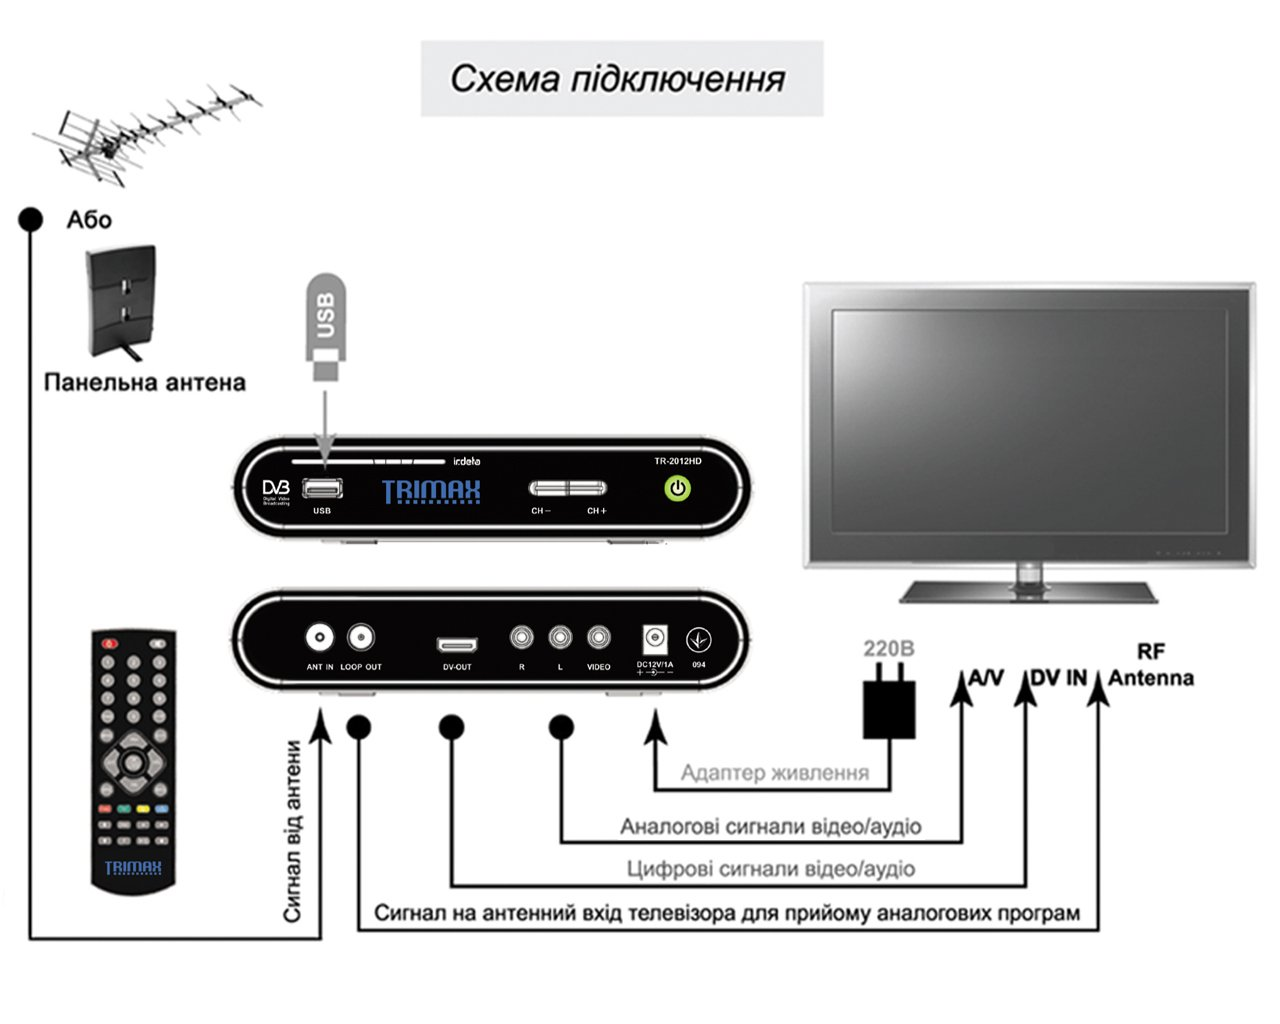 Новое поколение эфирного телевидения_цифровое качество формата Т2 - как подключить т2